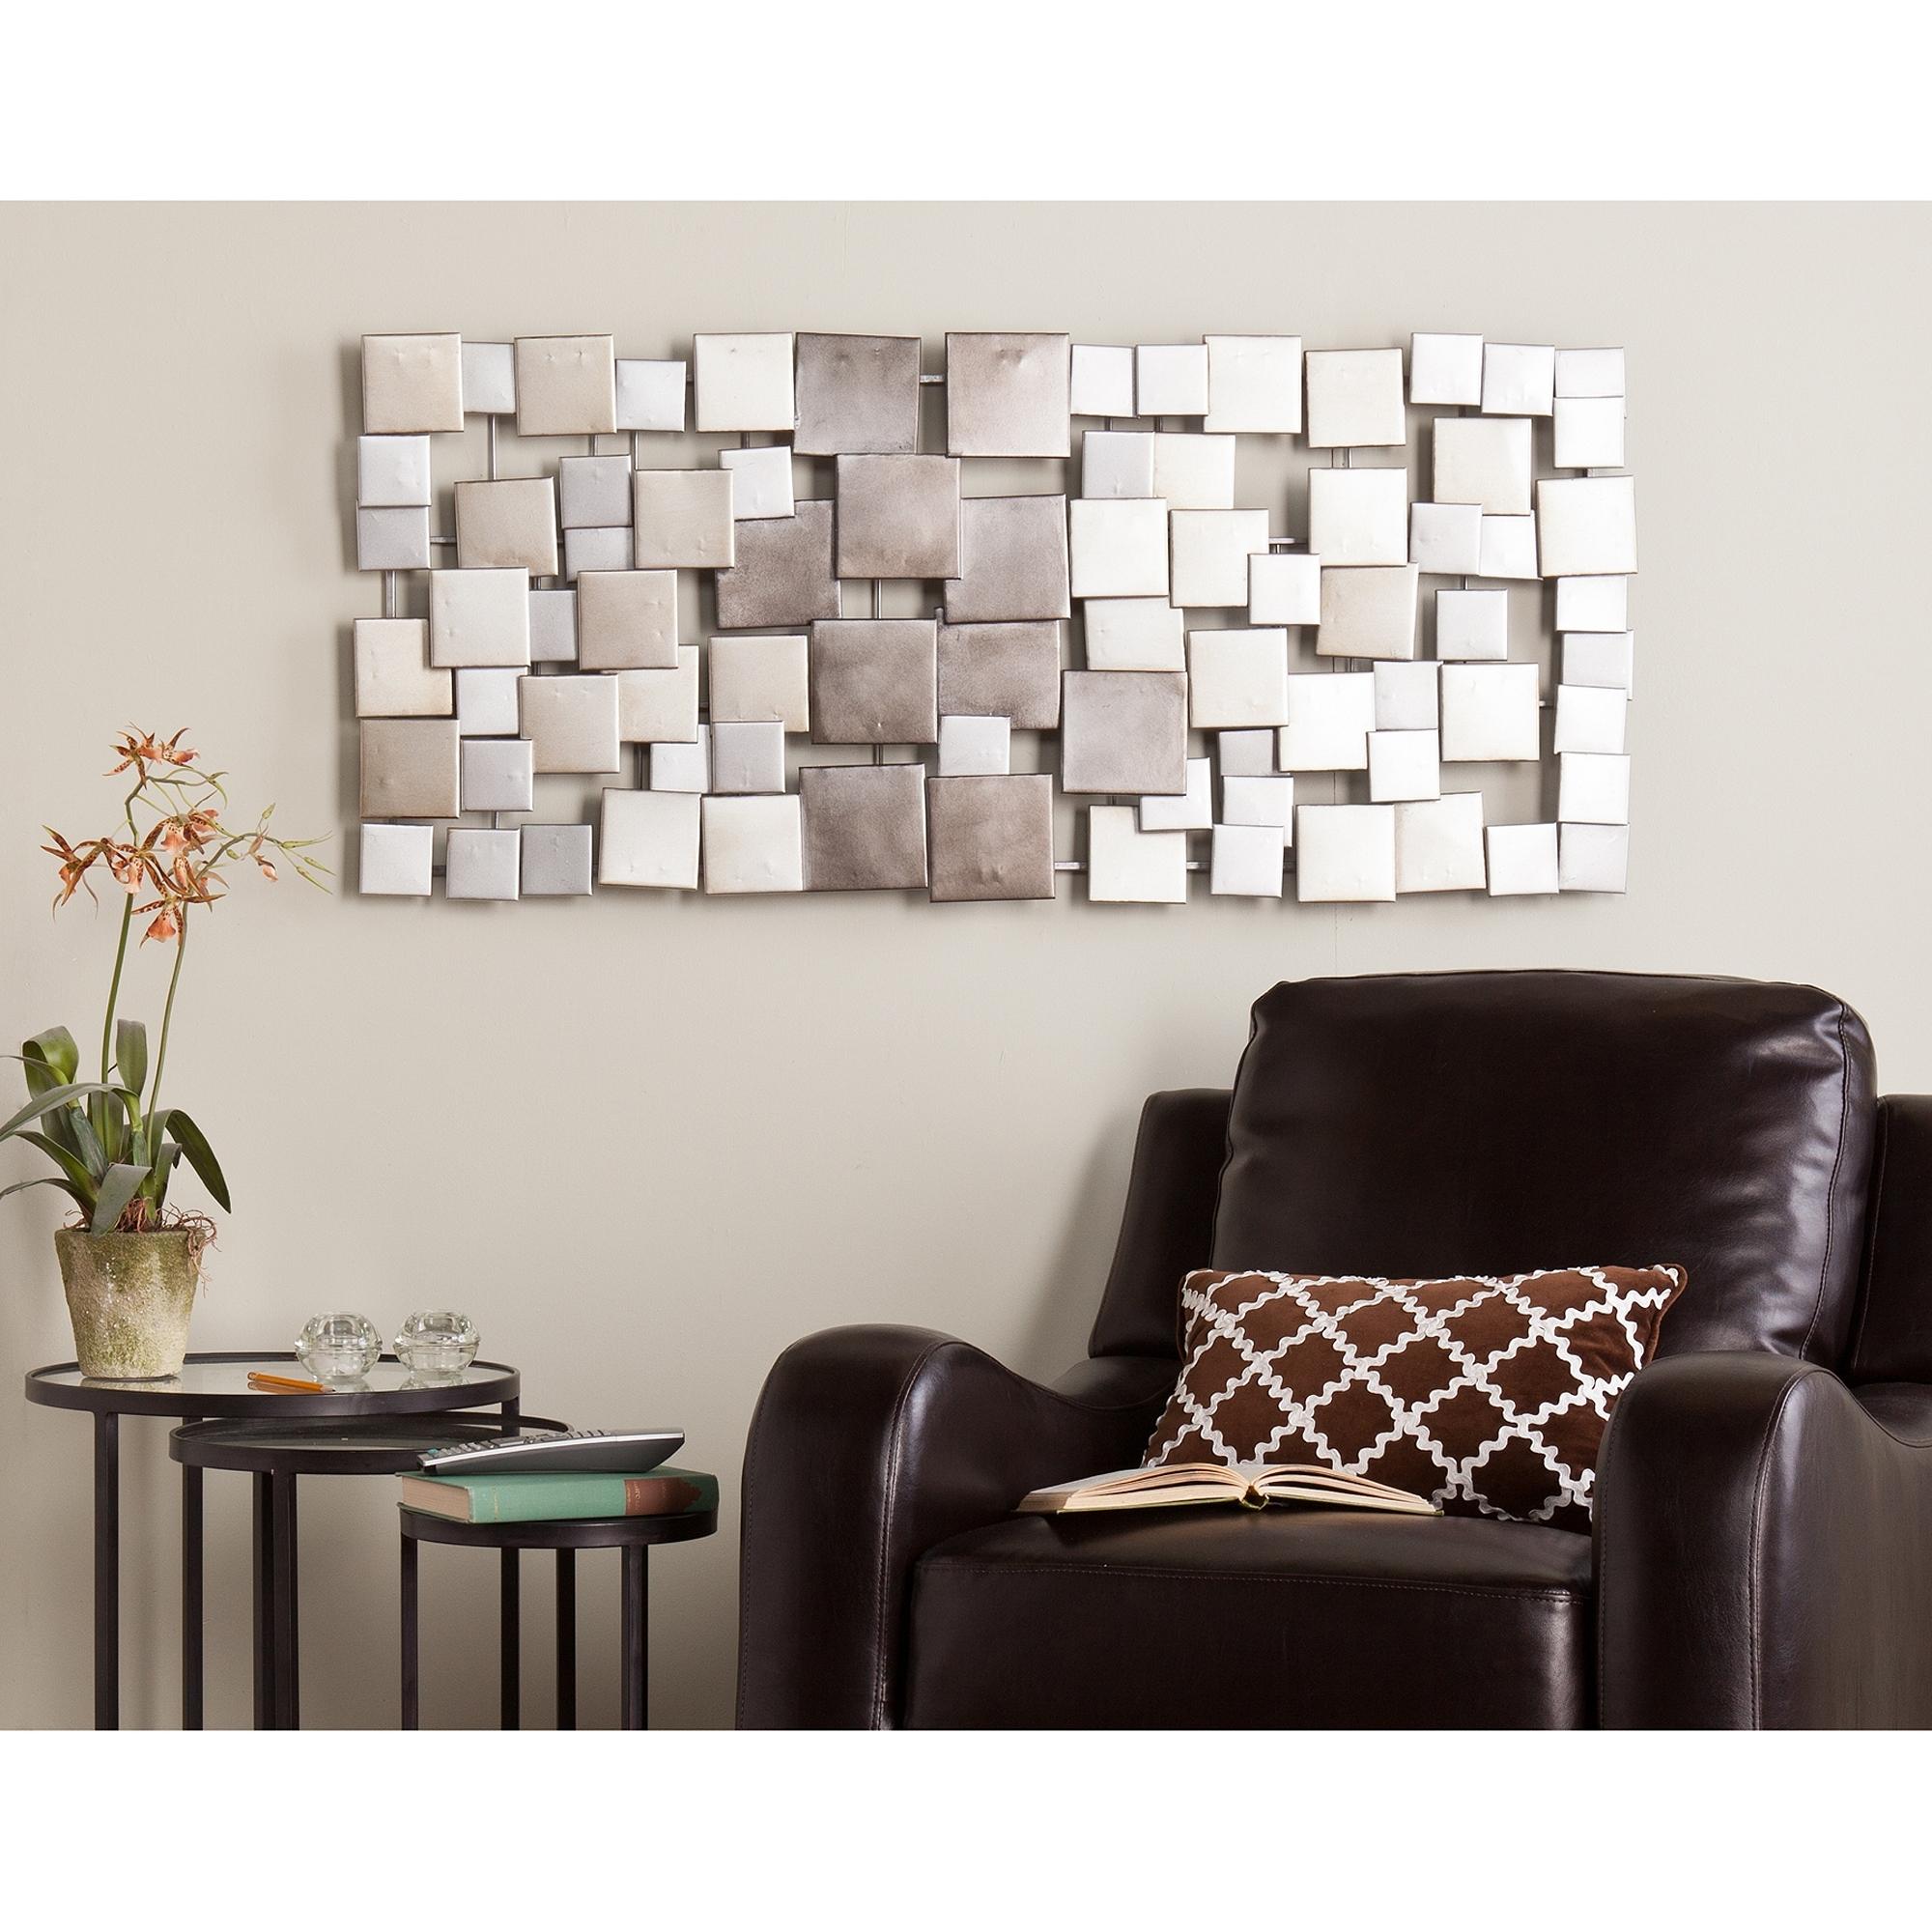 Latest Metallic Wall Art Inside Holly & Martin Wavson Wall Sculpture – Walmart (View 3 of 15)